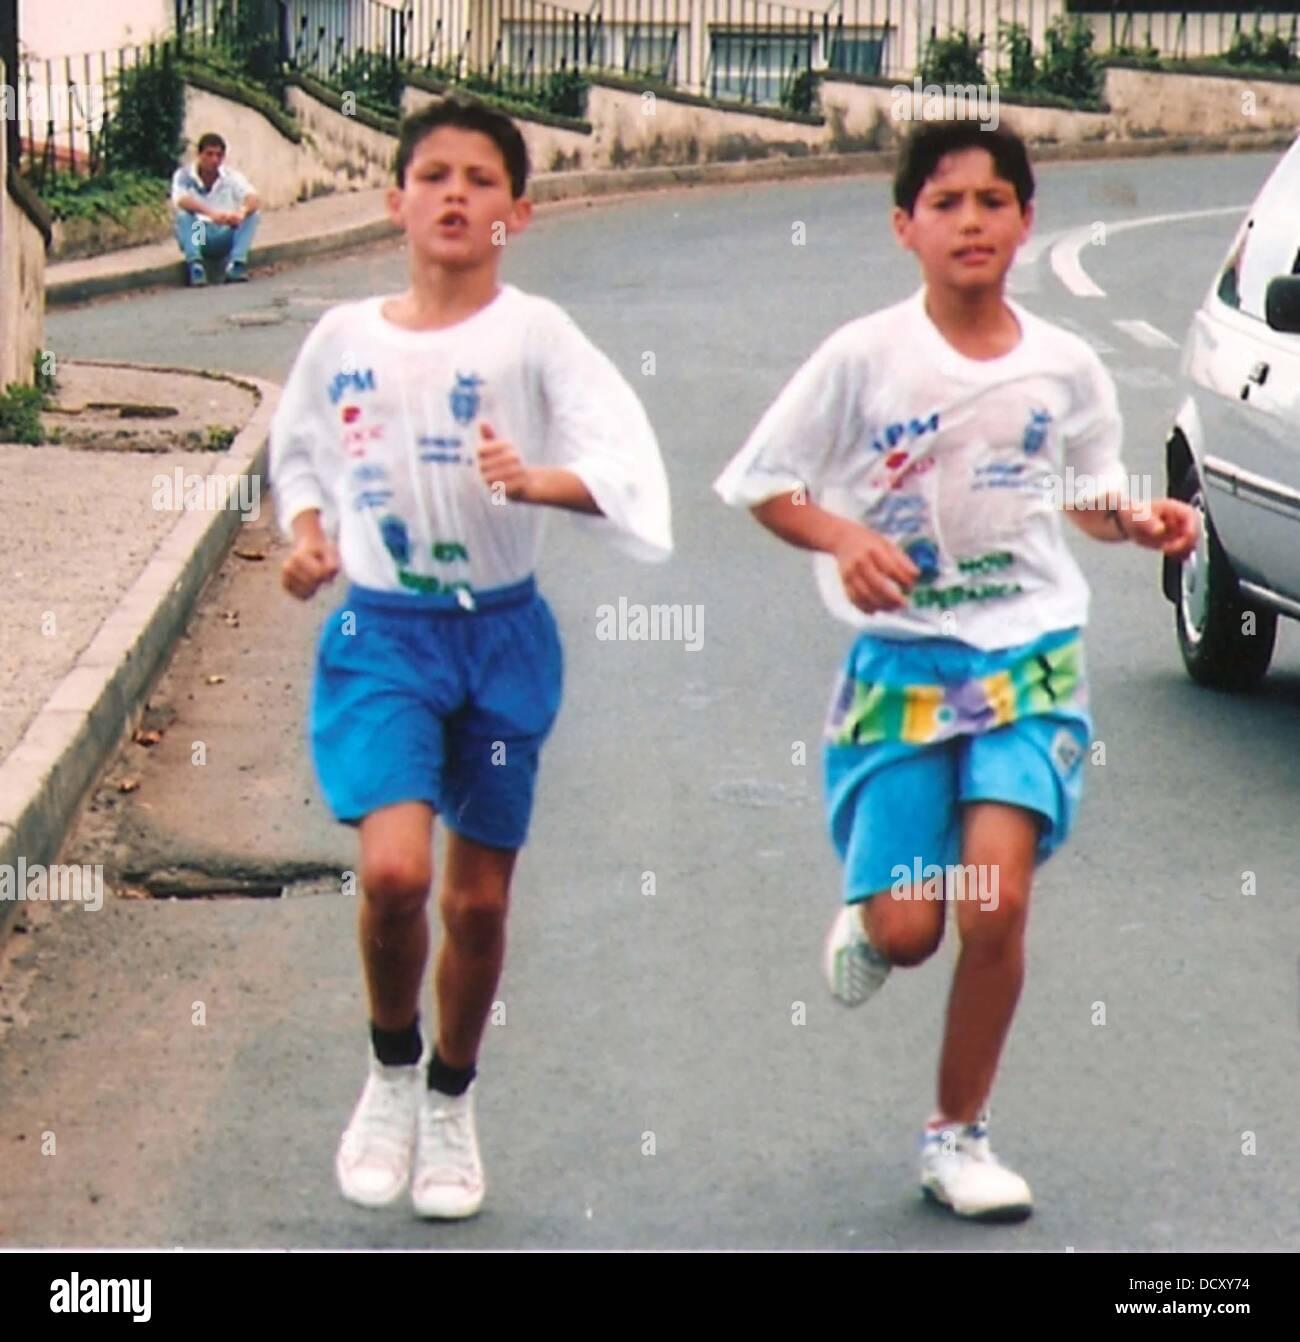 Cristiano Ronaldo Childhood Photos Of Cristiano Ronaldo Madeira